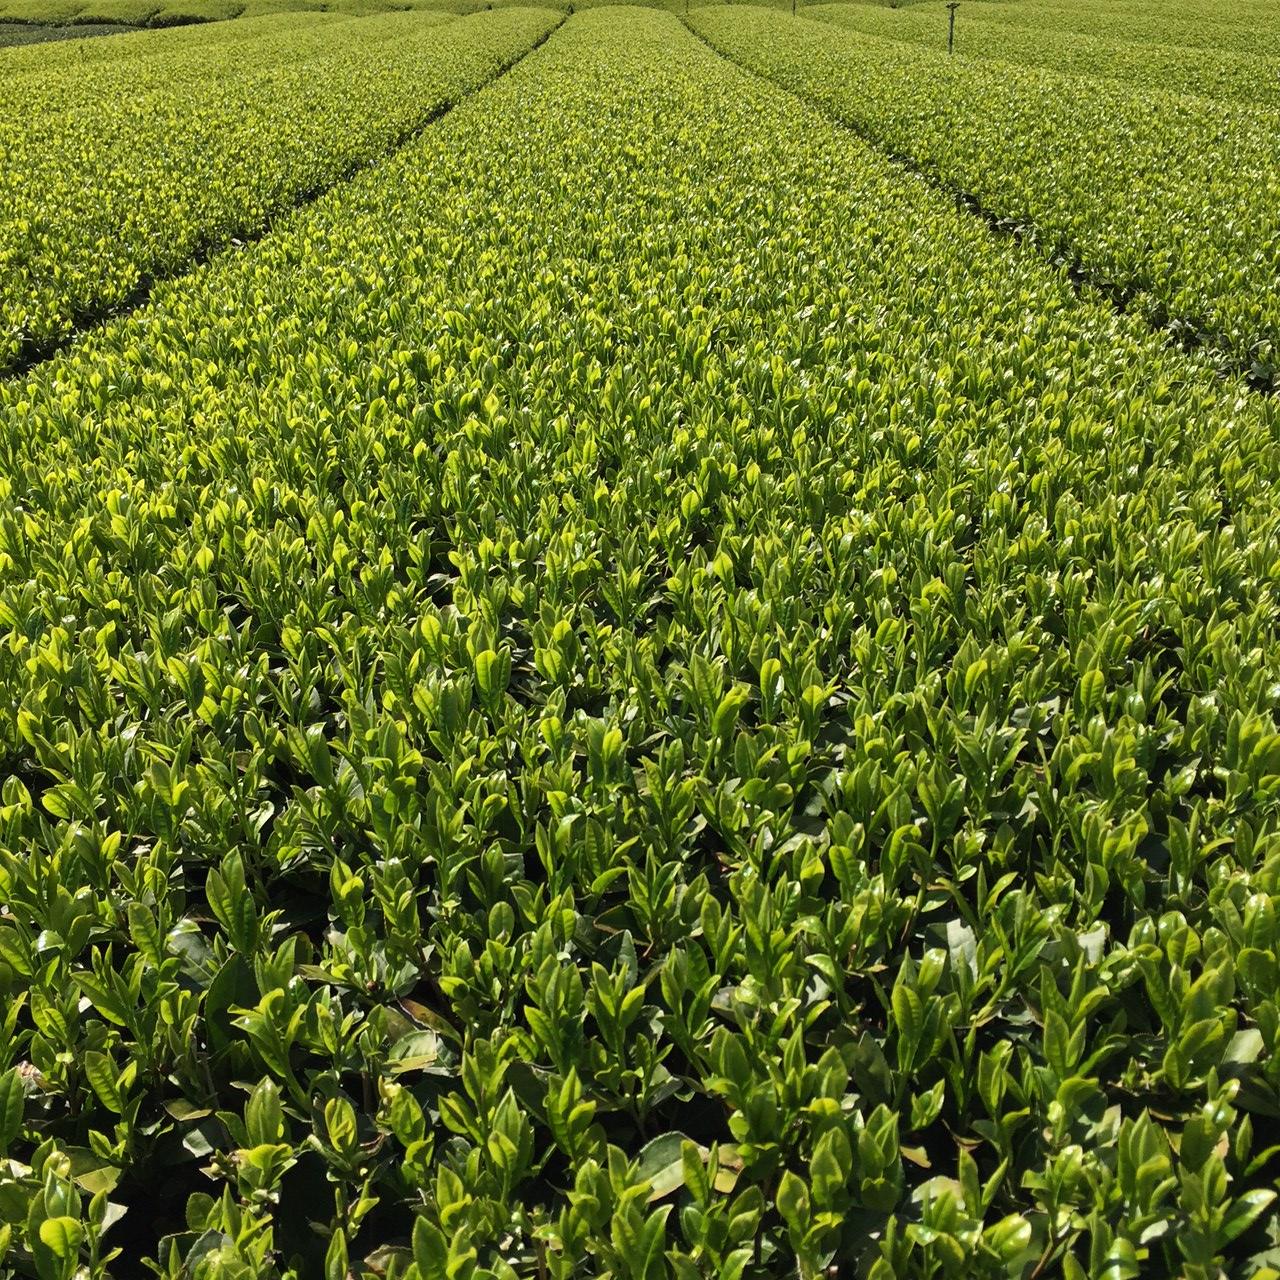 2017年4月14日かごしま緑茶の茶園風景です。品種はゆたかみどりです。小さな新芽がすくすく成長しています。